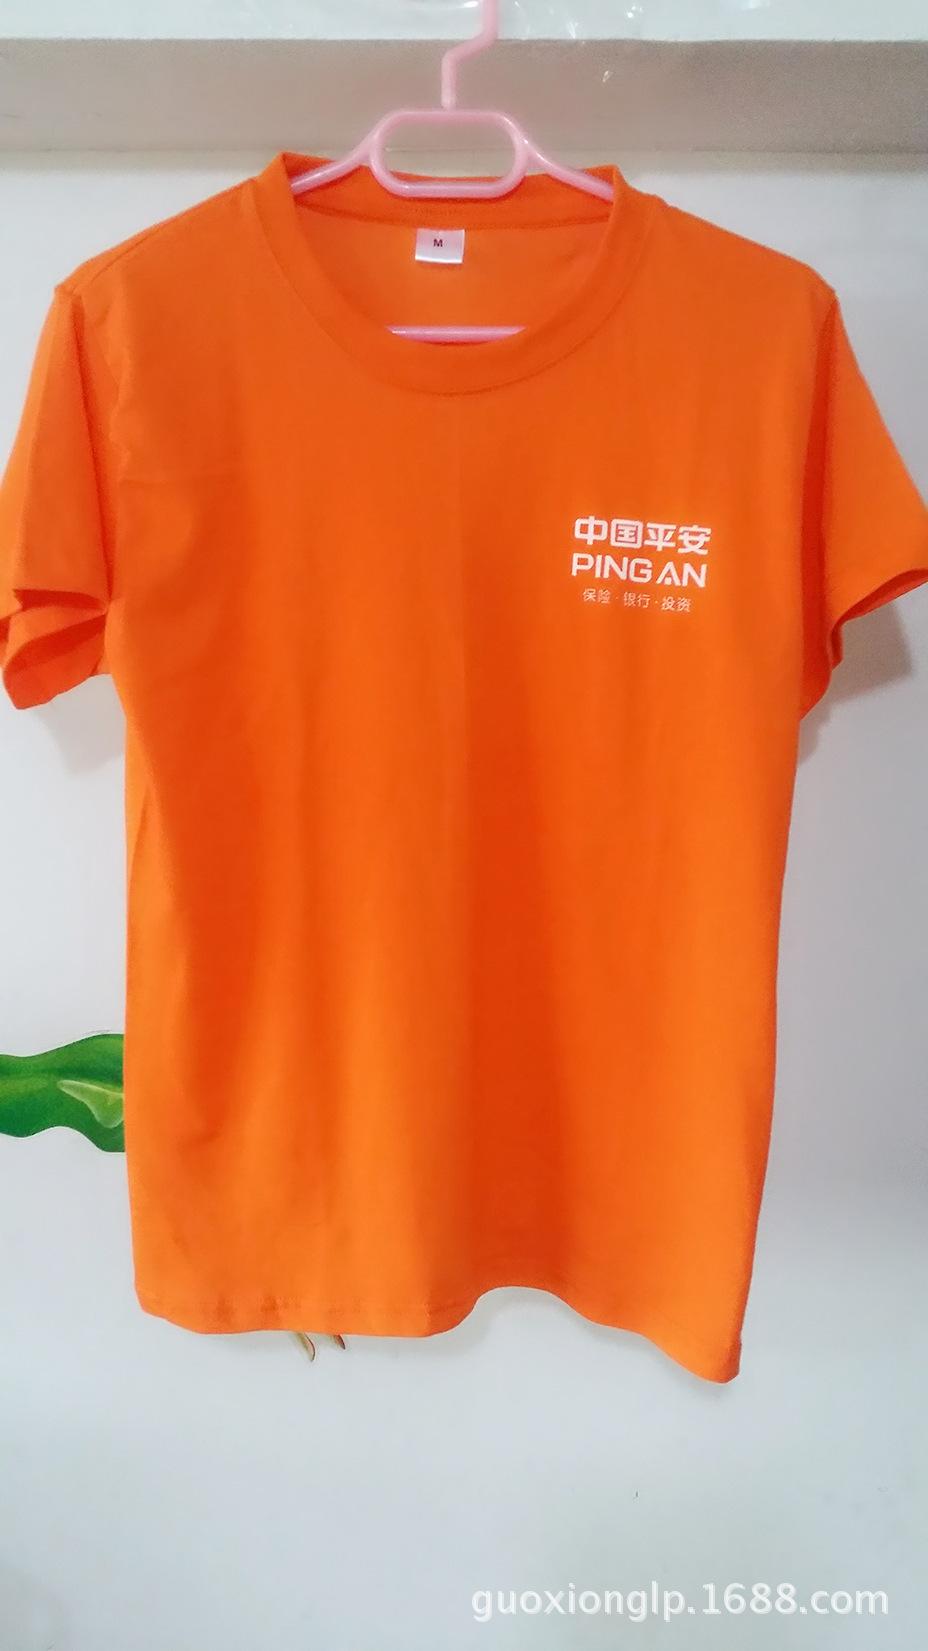 平安保险健康有约奔跑吧平安T恤广告衫平安保险全棉T恤平安T恤